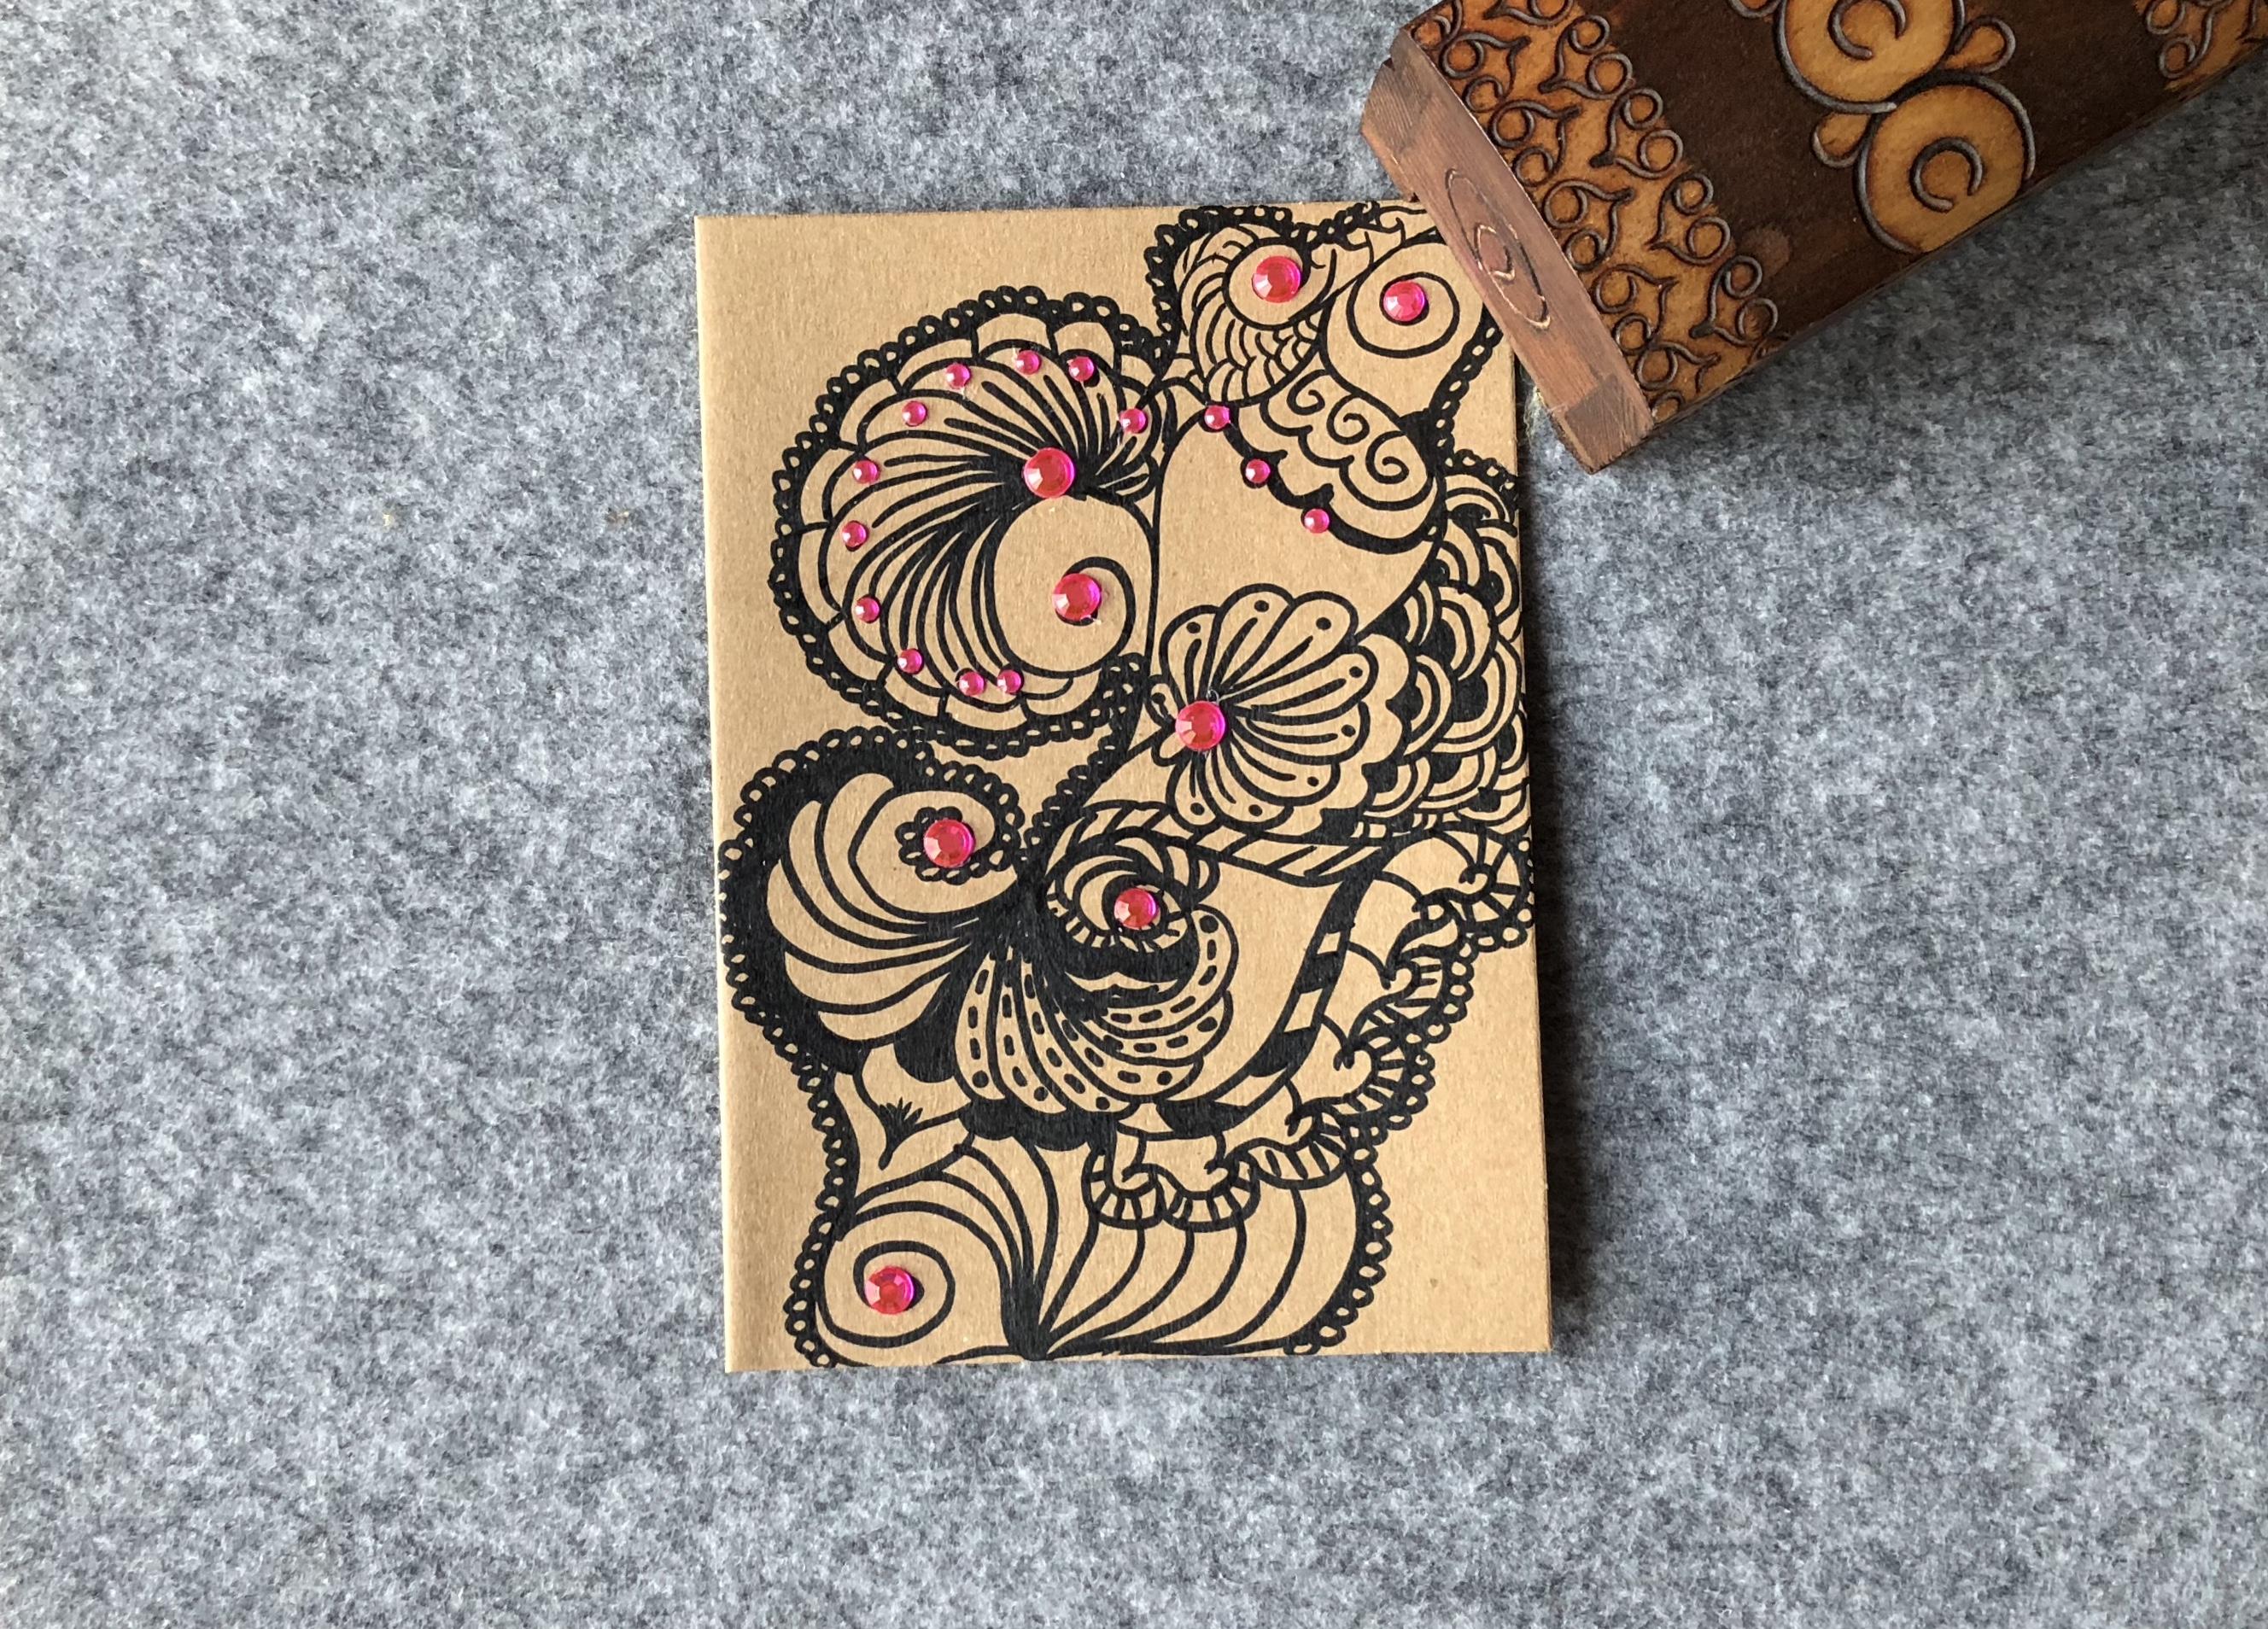 Braune Kraftkartonkarte mit einem aufgemalten Doodle verziert mit rosa Steinchen